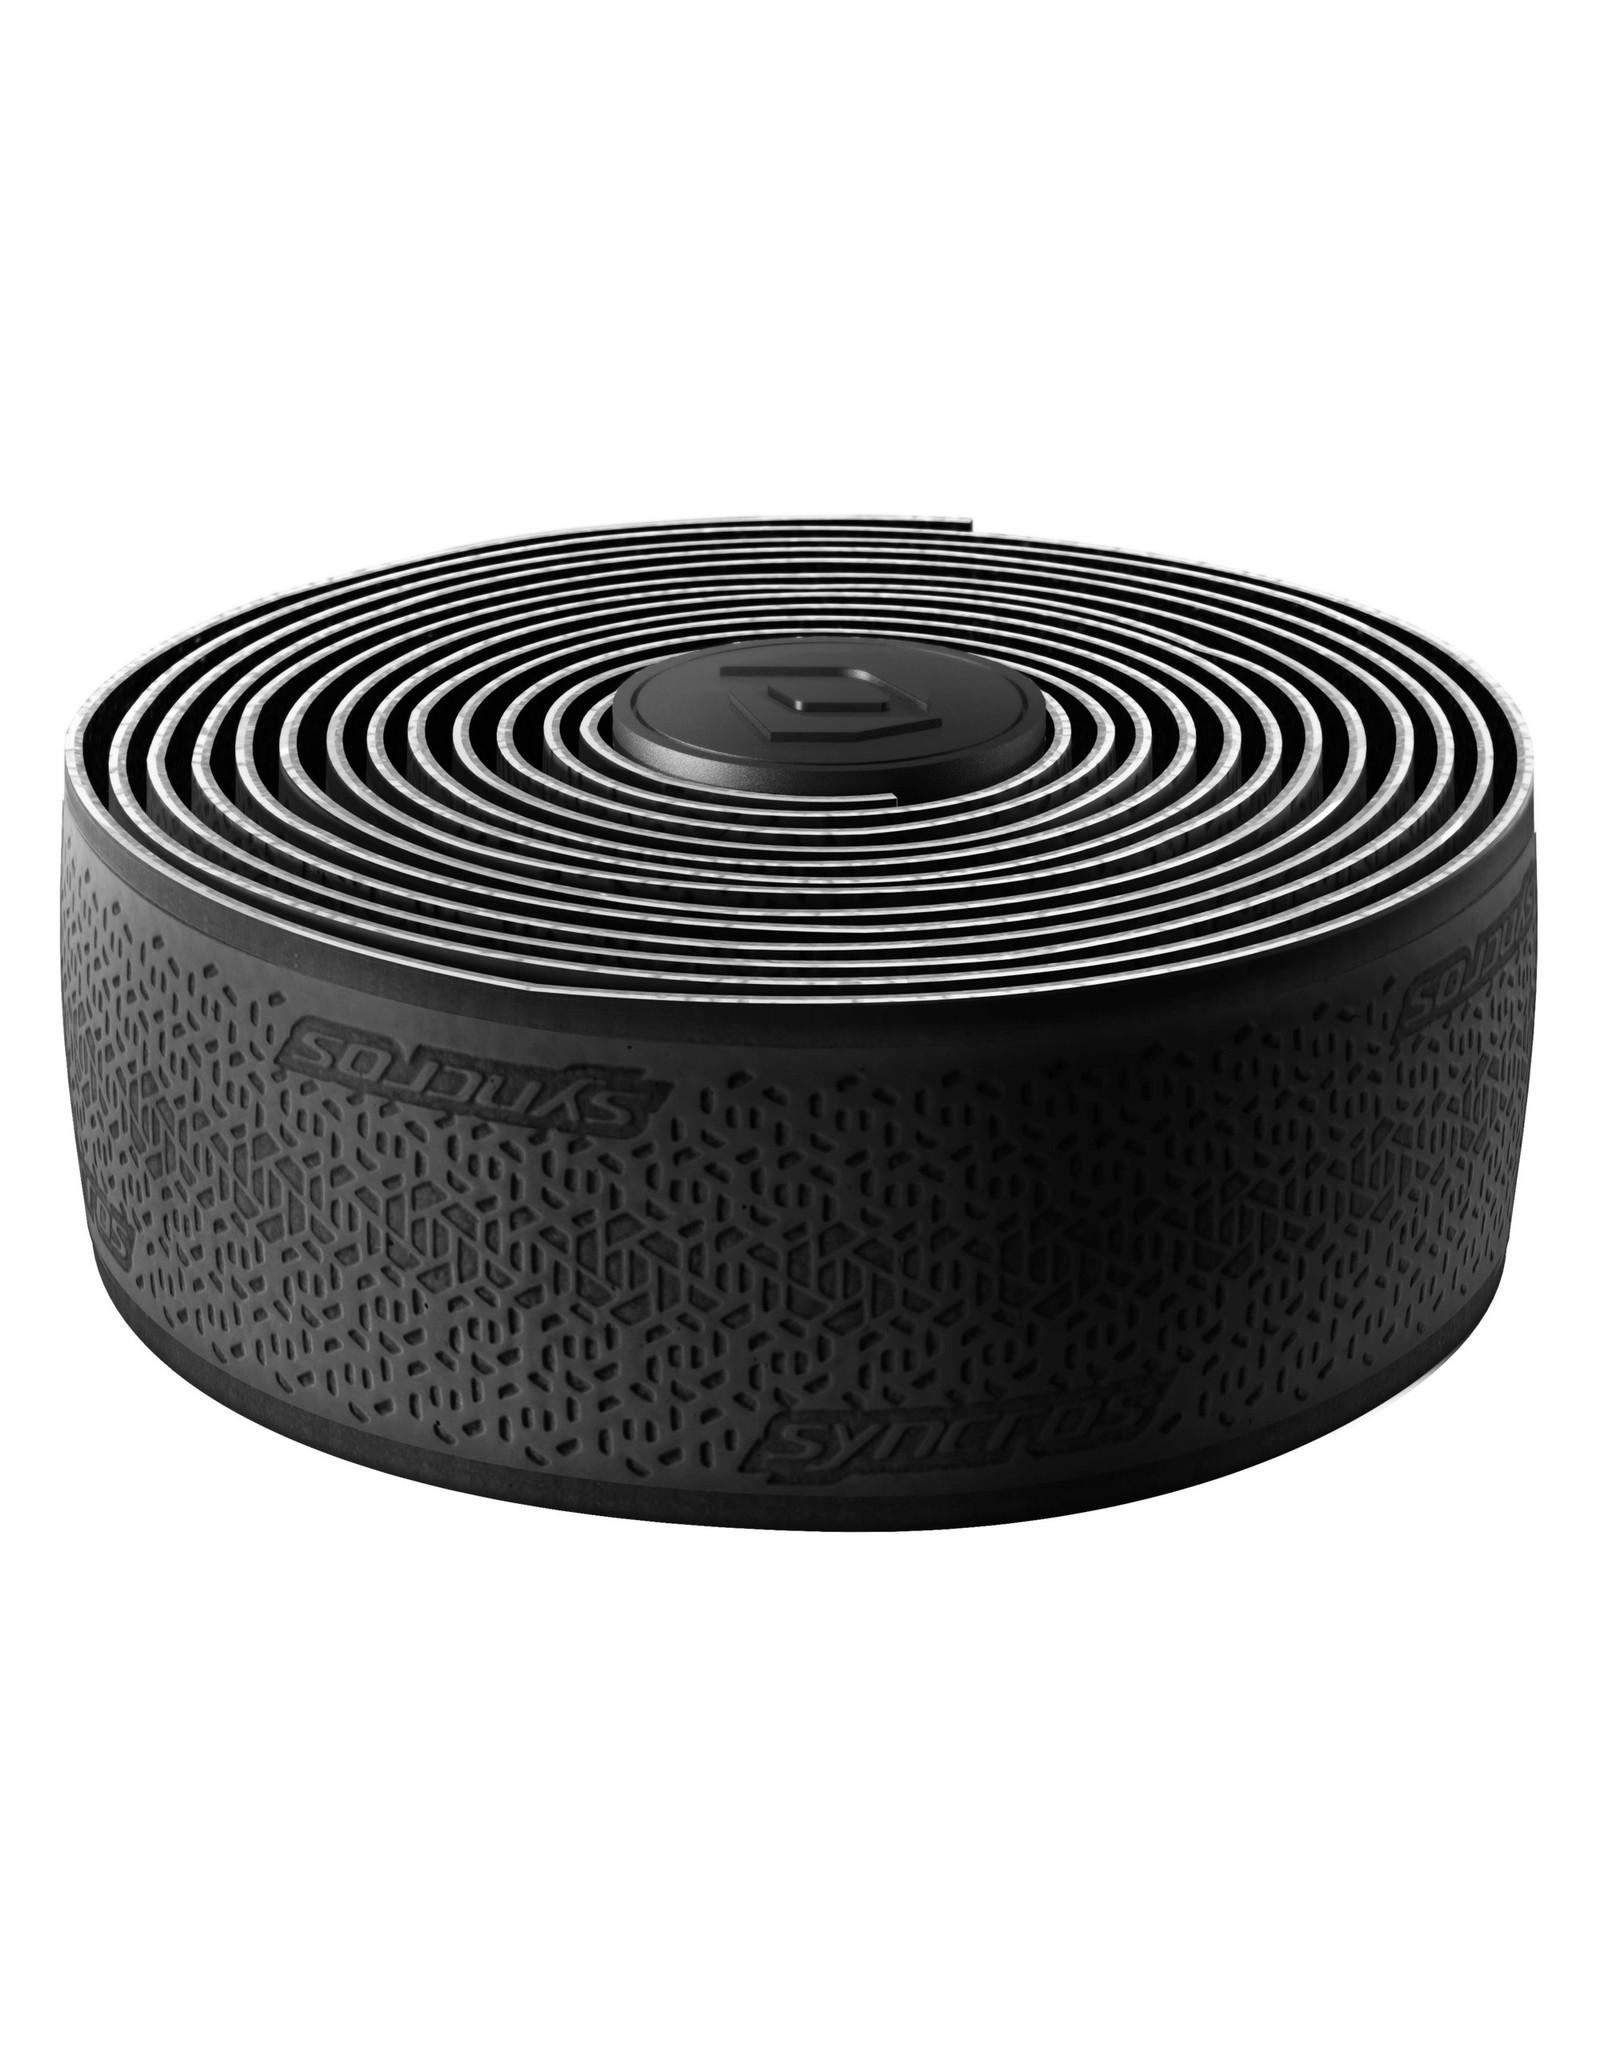 Syncros BARTAPE FOAM - BLACK